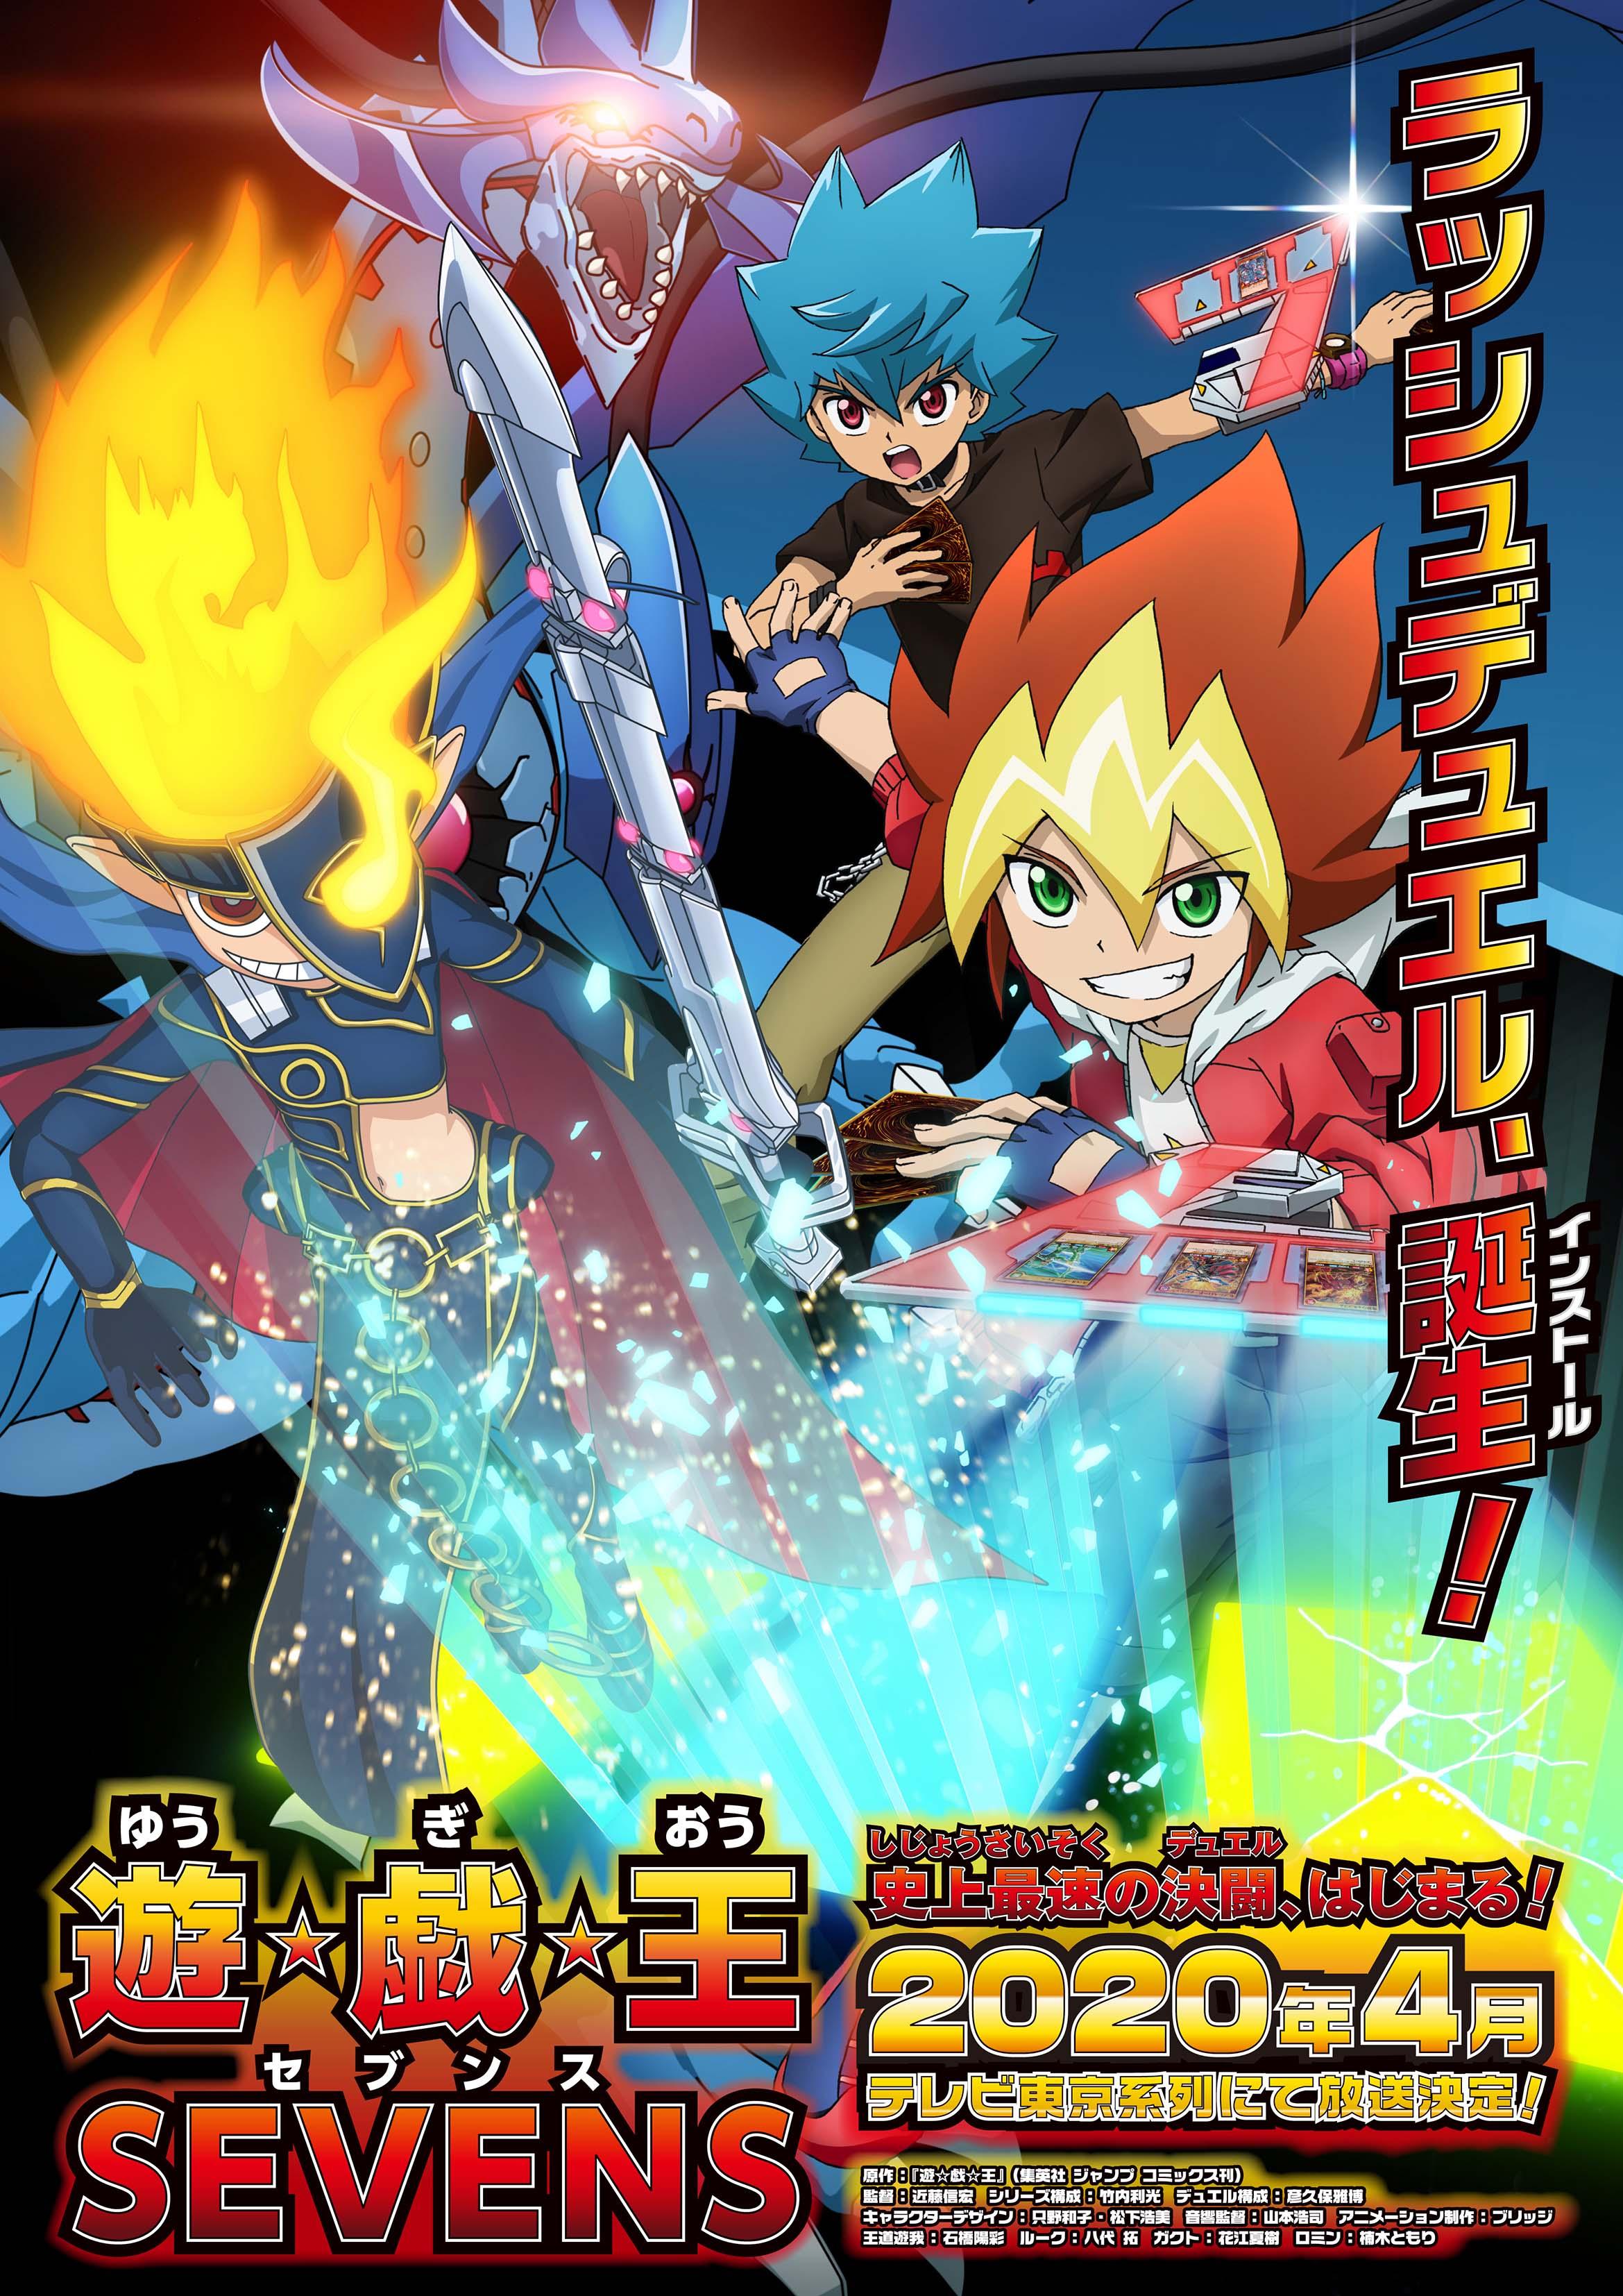 アニメ 遊 戯 王 20周年の節目を飾るシリーズ第7作目が2020年4月